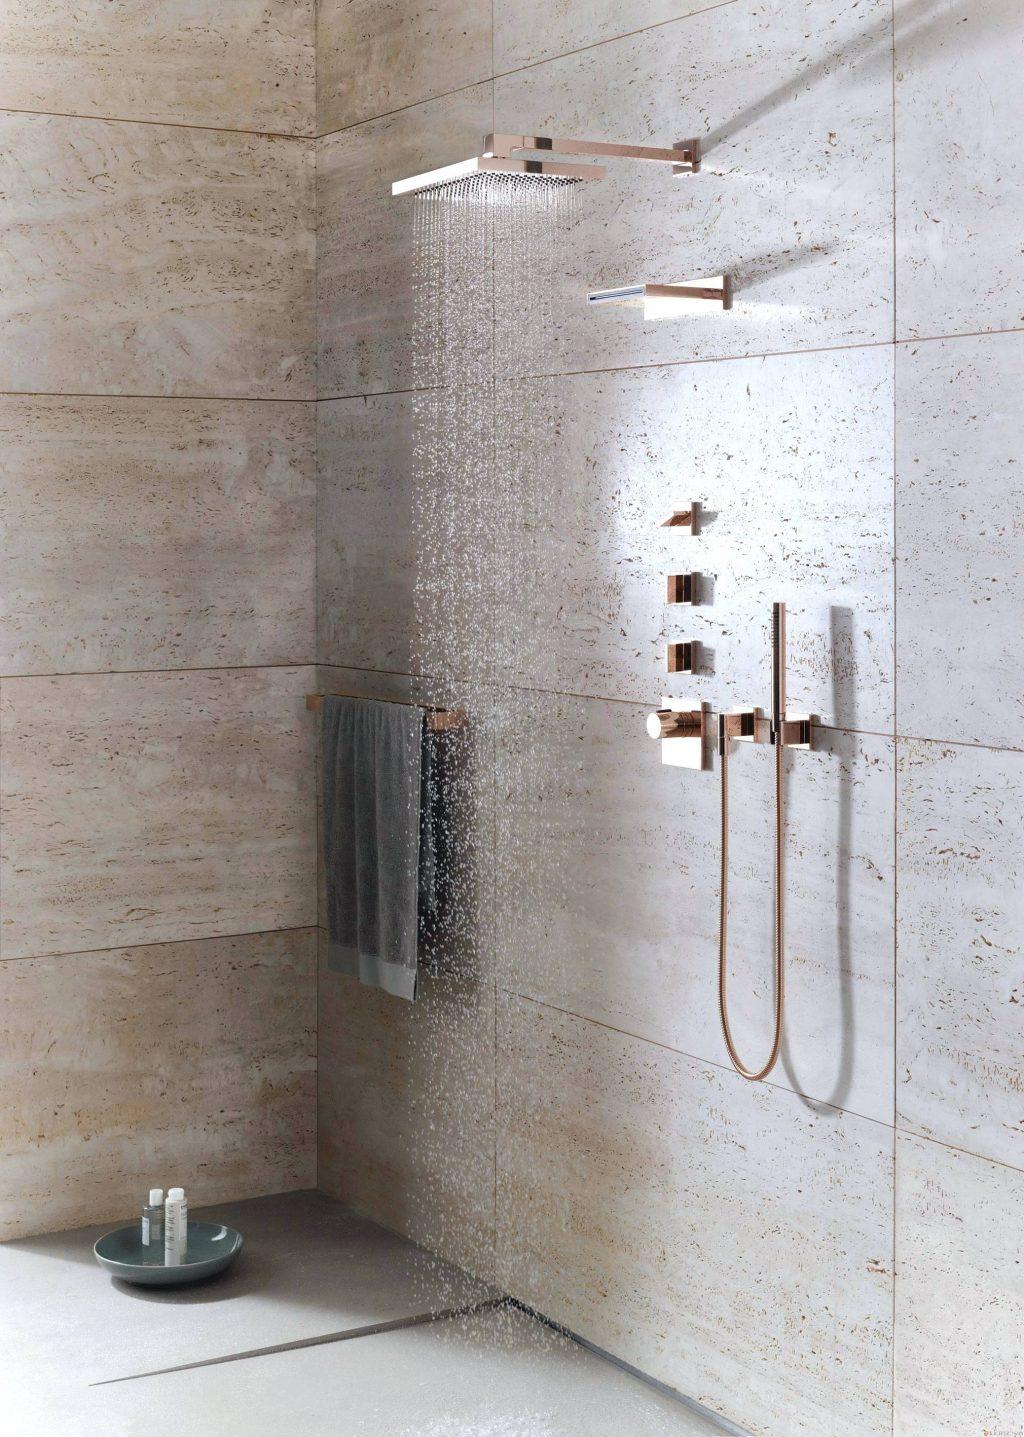 ducha empotradas en la pared termostáticas